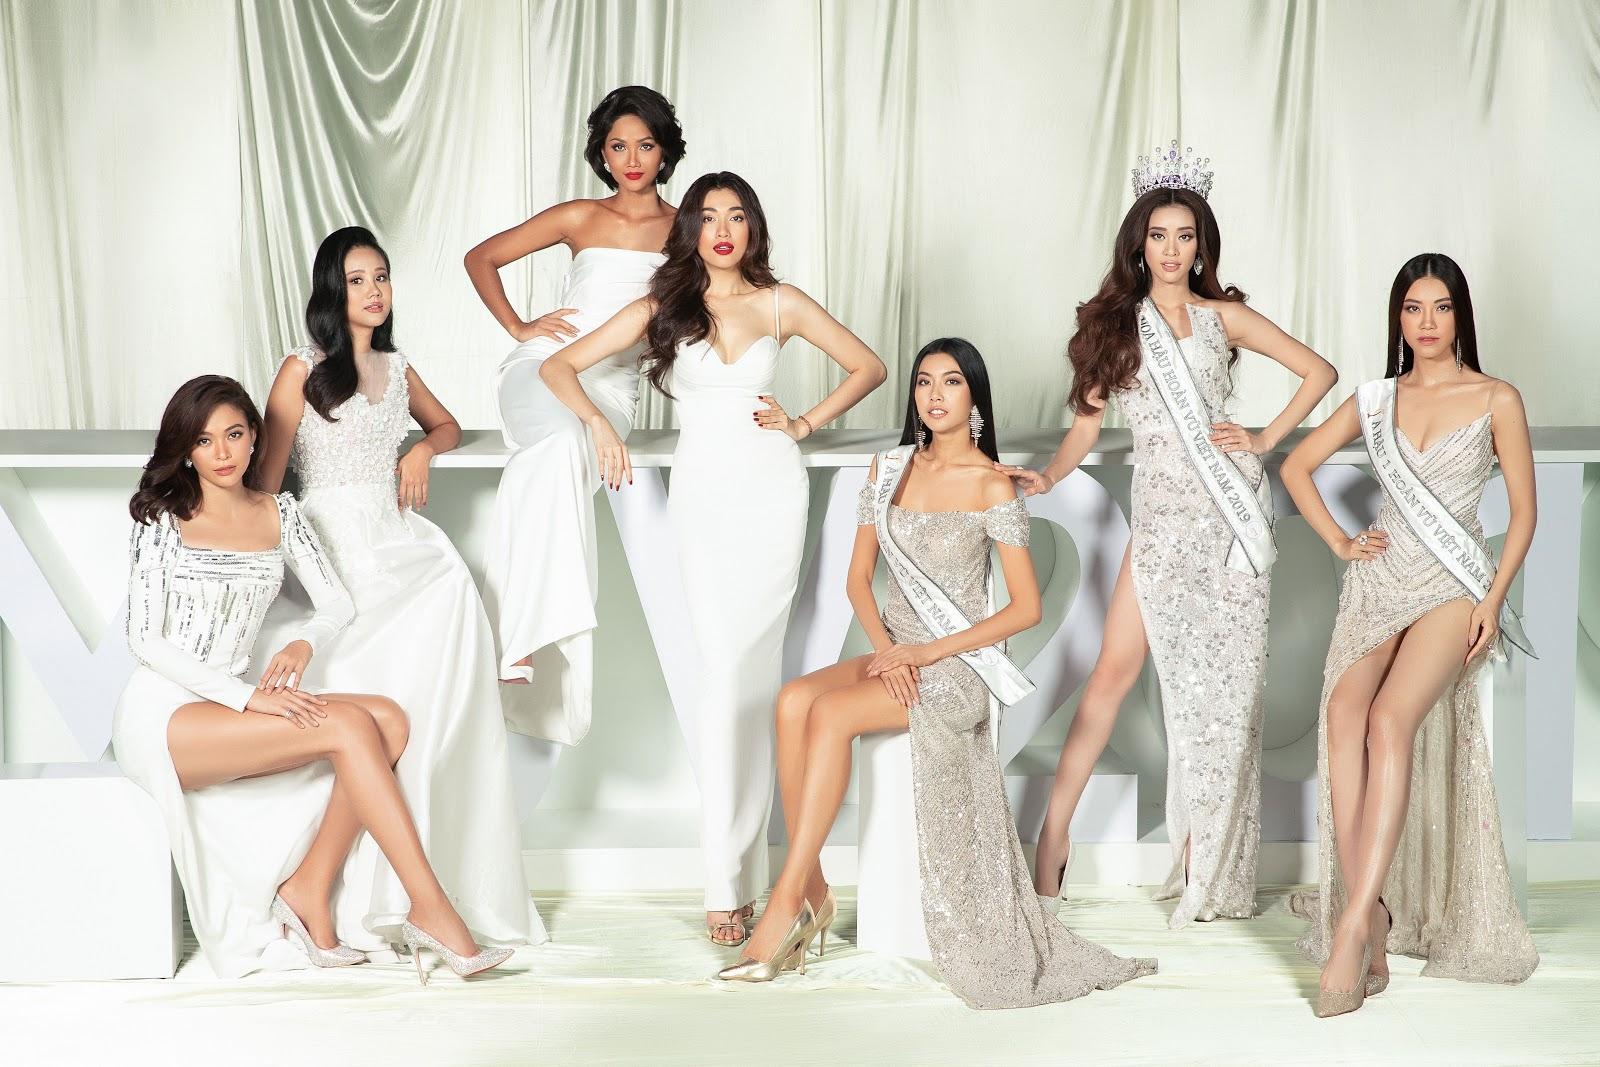 H'Hen Niê, Thúy Vân gây sốt khi đọ sắc với các người đẹp Hoa hậu Hoàn vũ Việt Nam trong một bộ ảnh đặc biệt nhân ngày Valentine - Hình 1